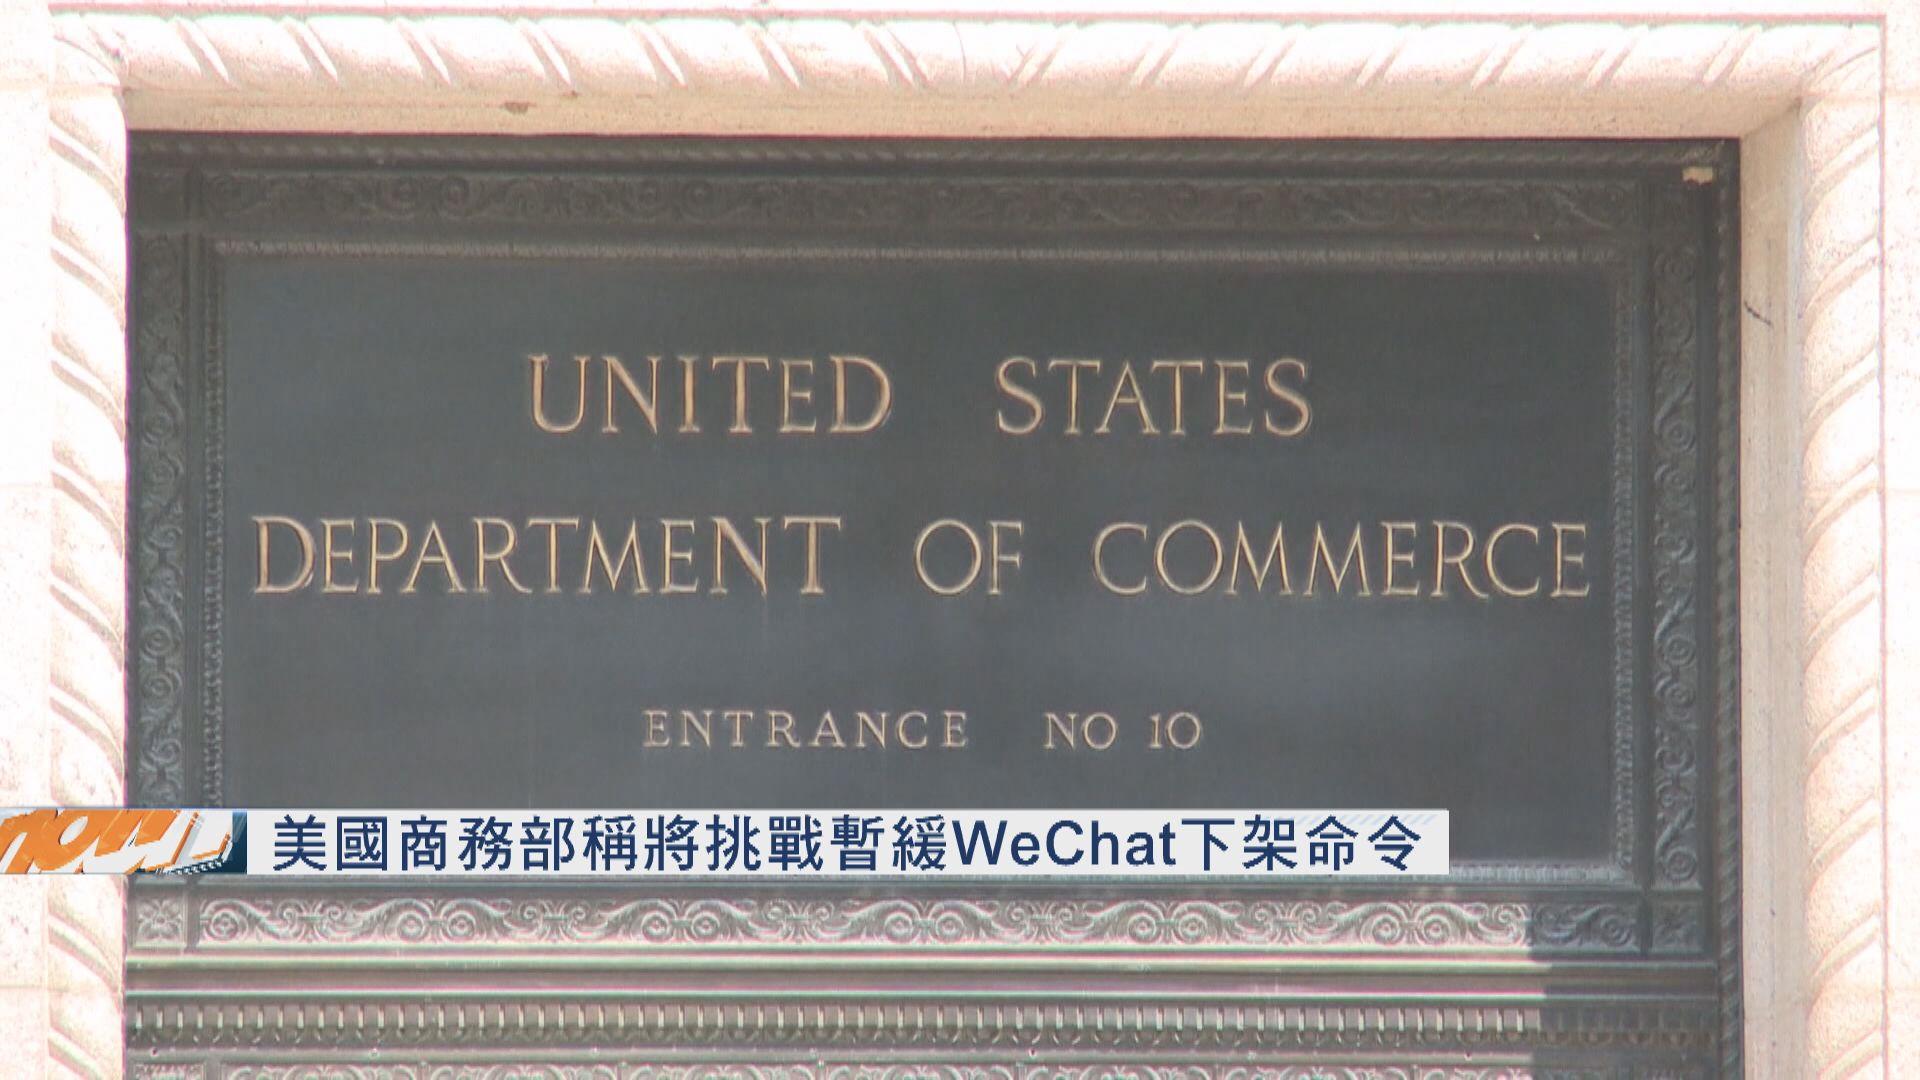 美國商務部稱將挑戰暫緩WeChat下架命令